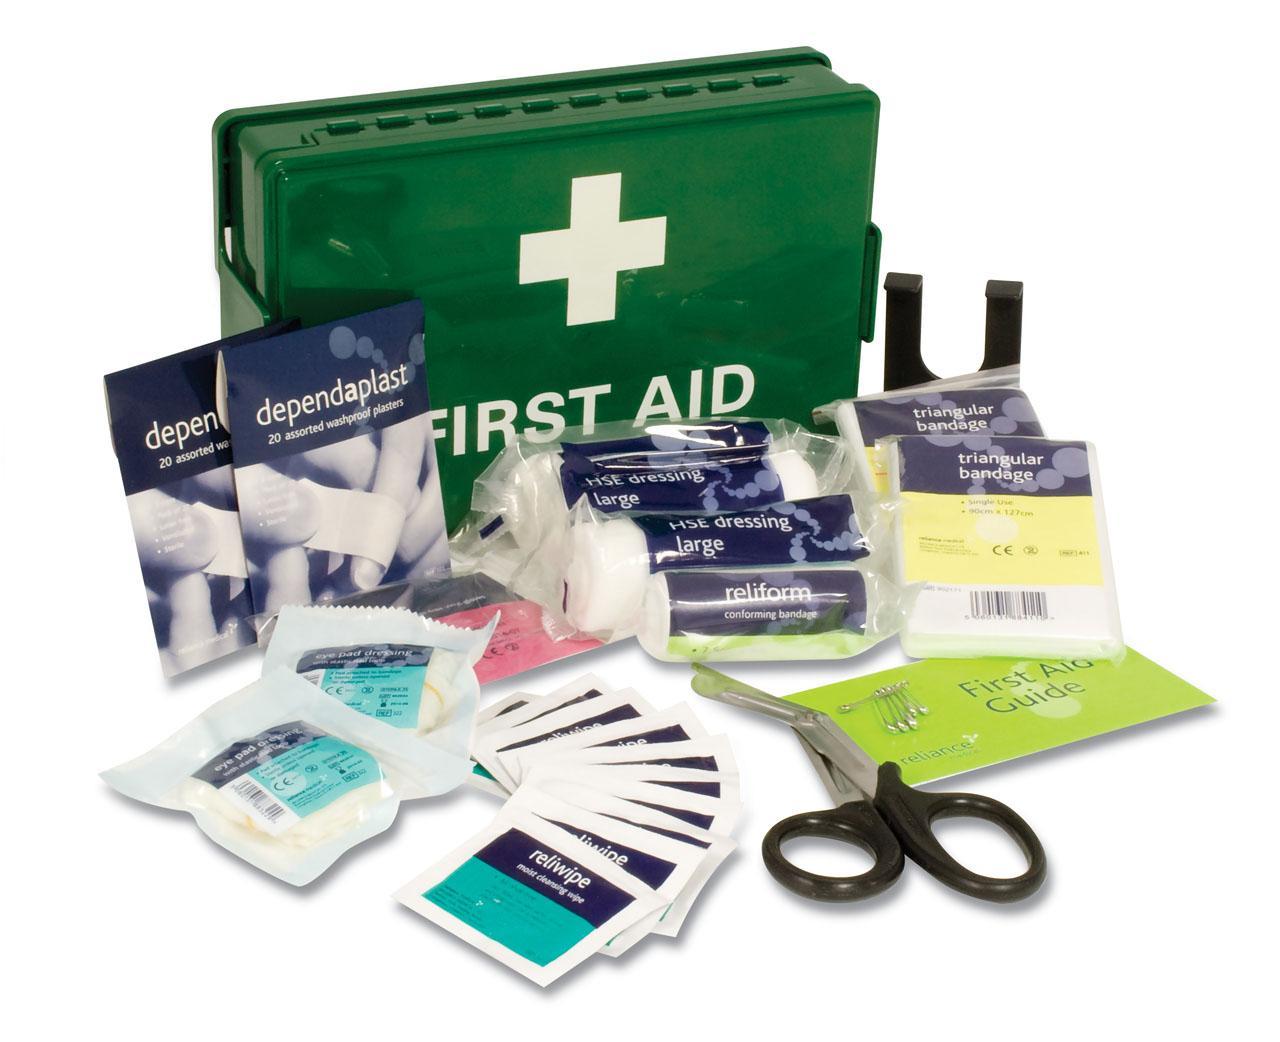 ยาและเครื่องปฐมพยาบาลเบื้องต้นต้องเตรียมไปอย่าได้ขาด